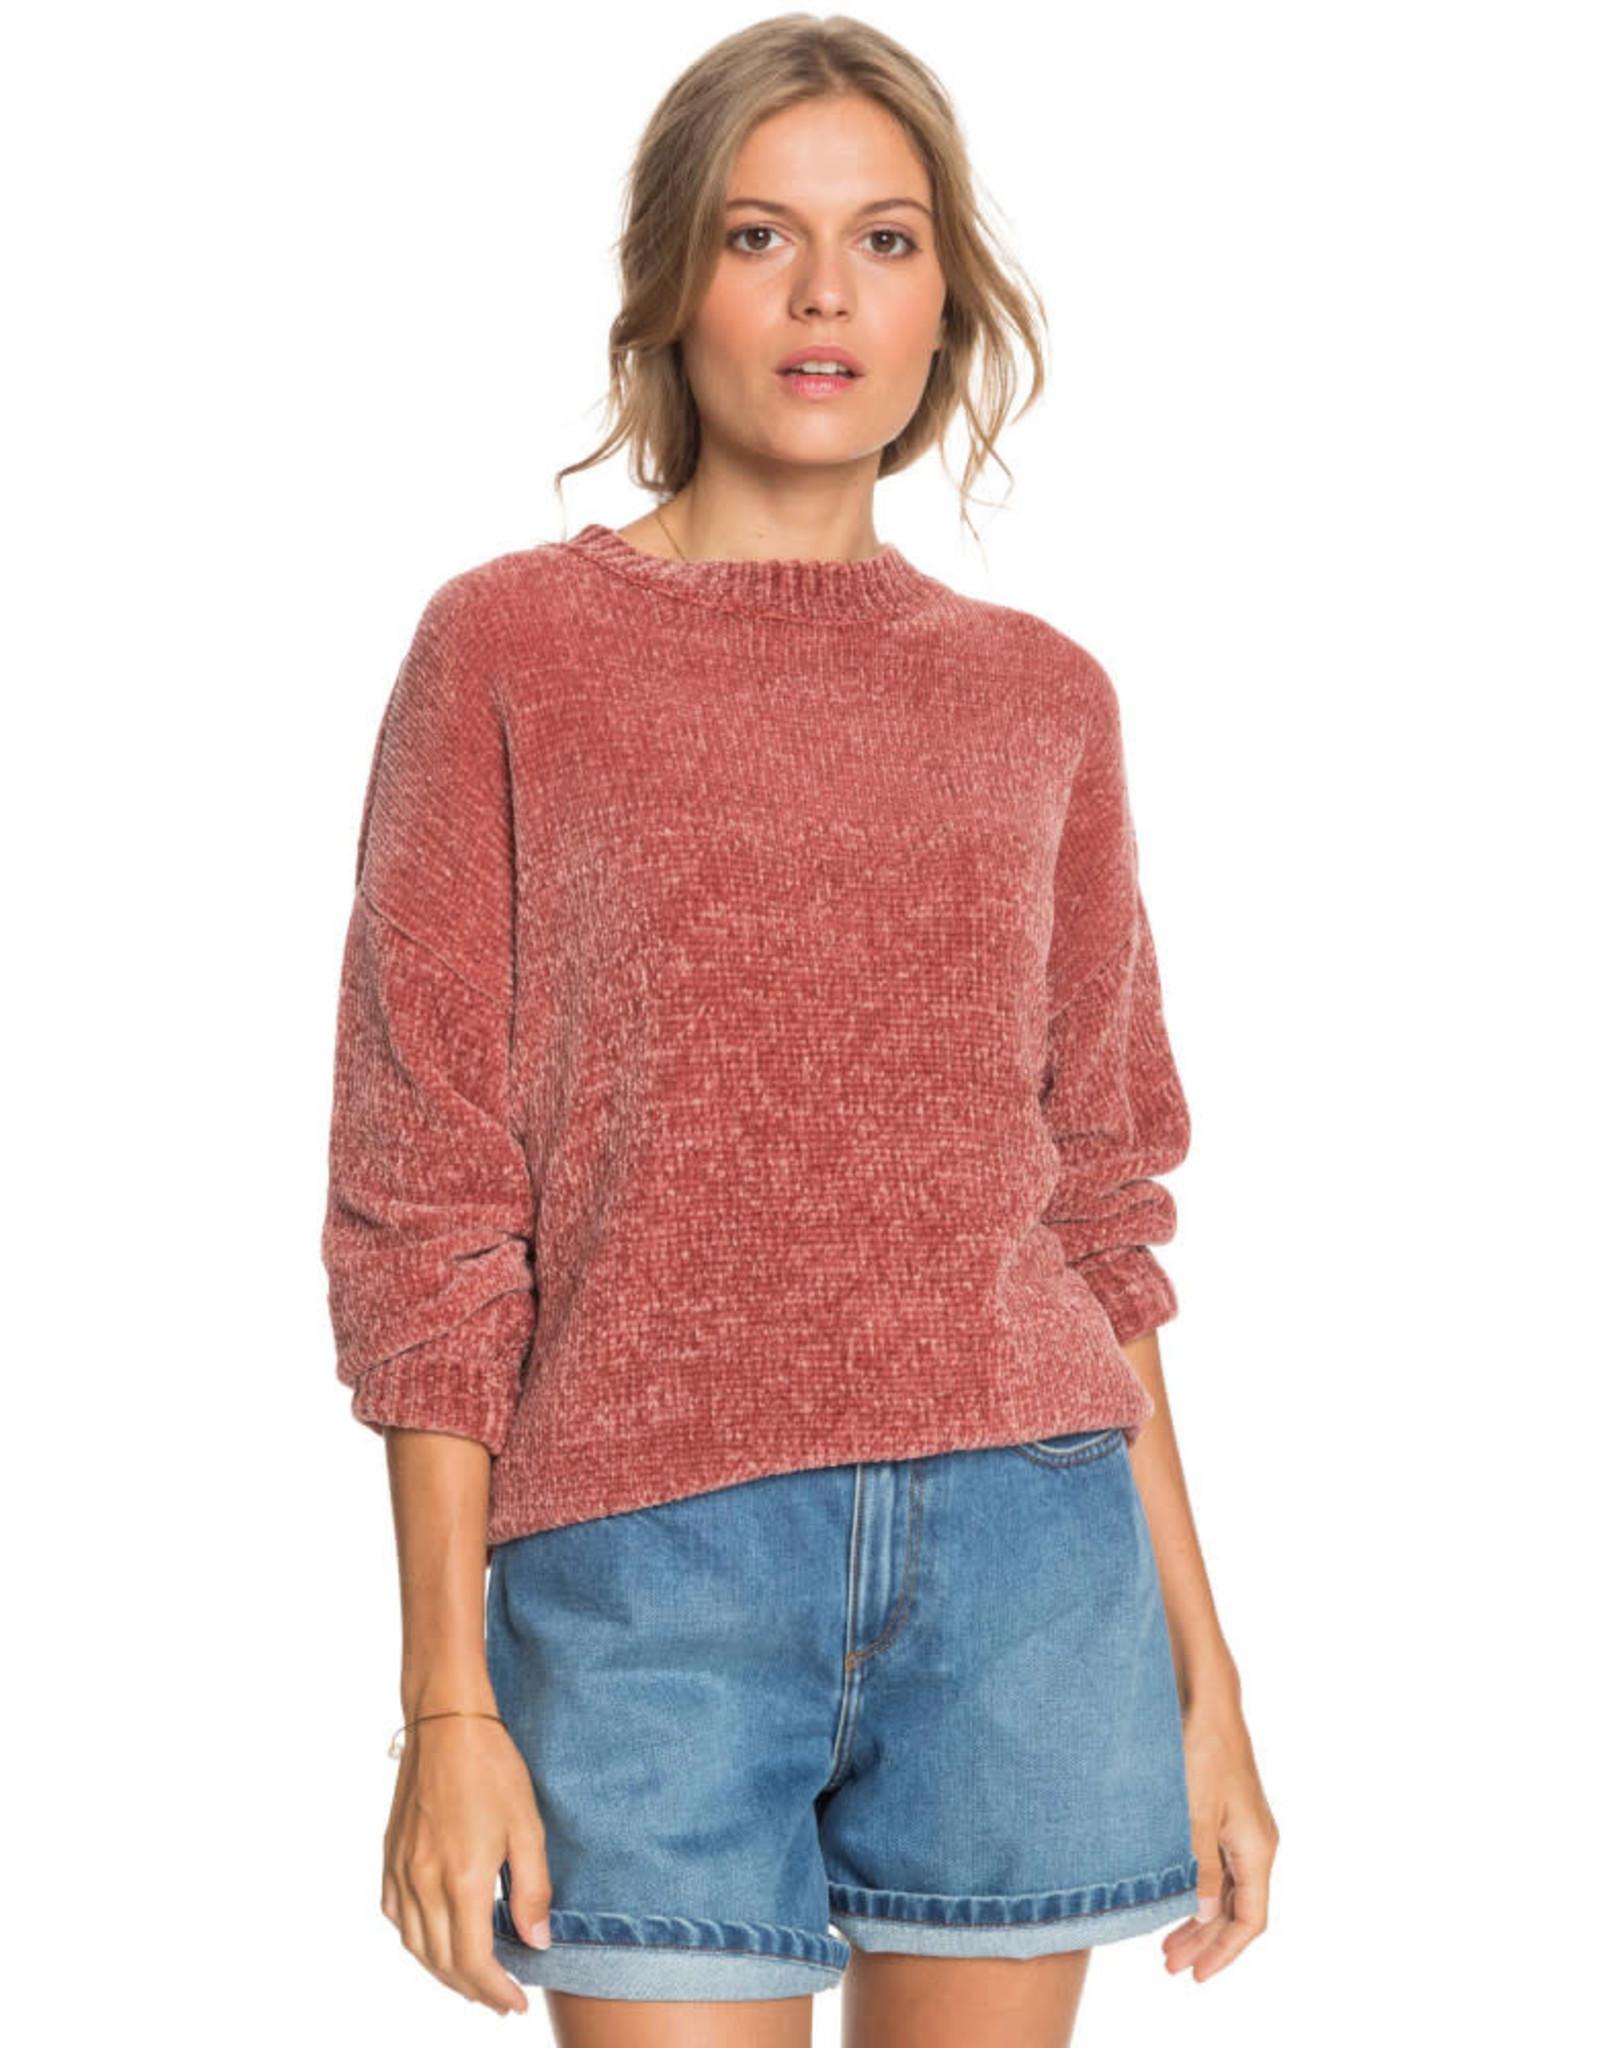 ROXY Miss It All Knit